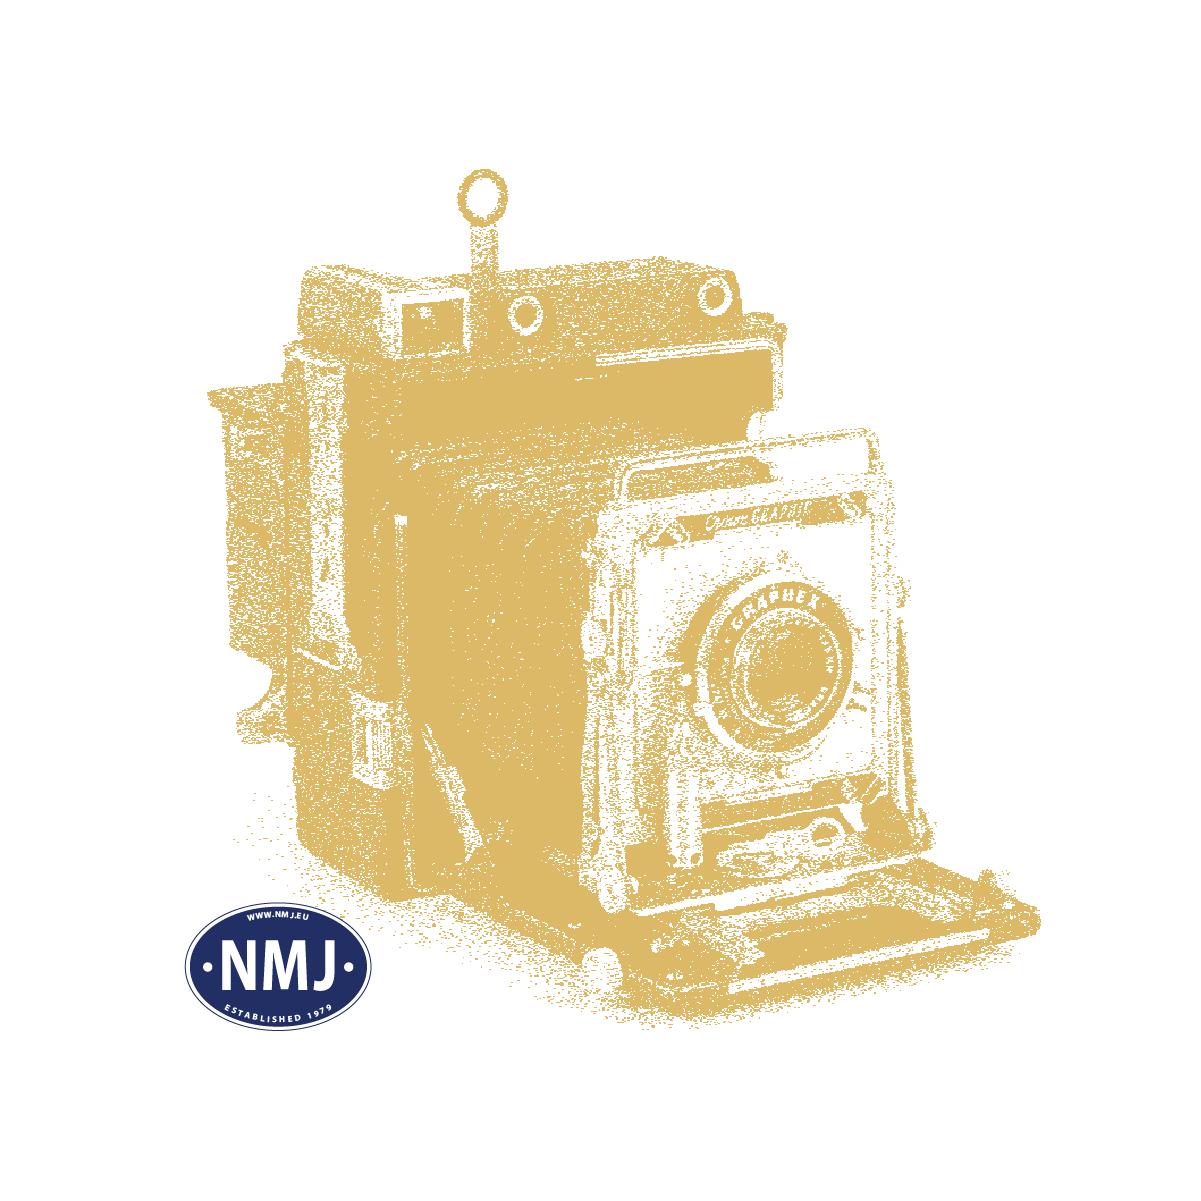 NOC15052 - Pipefeier